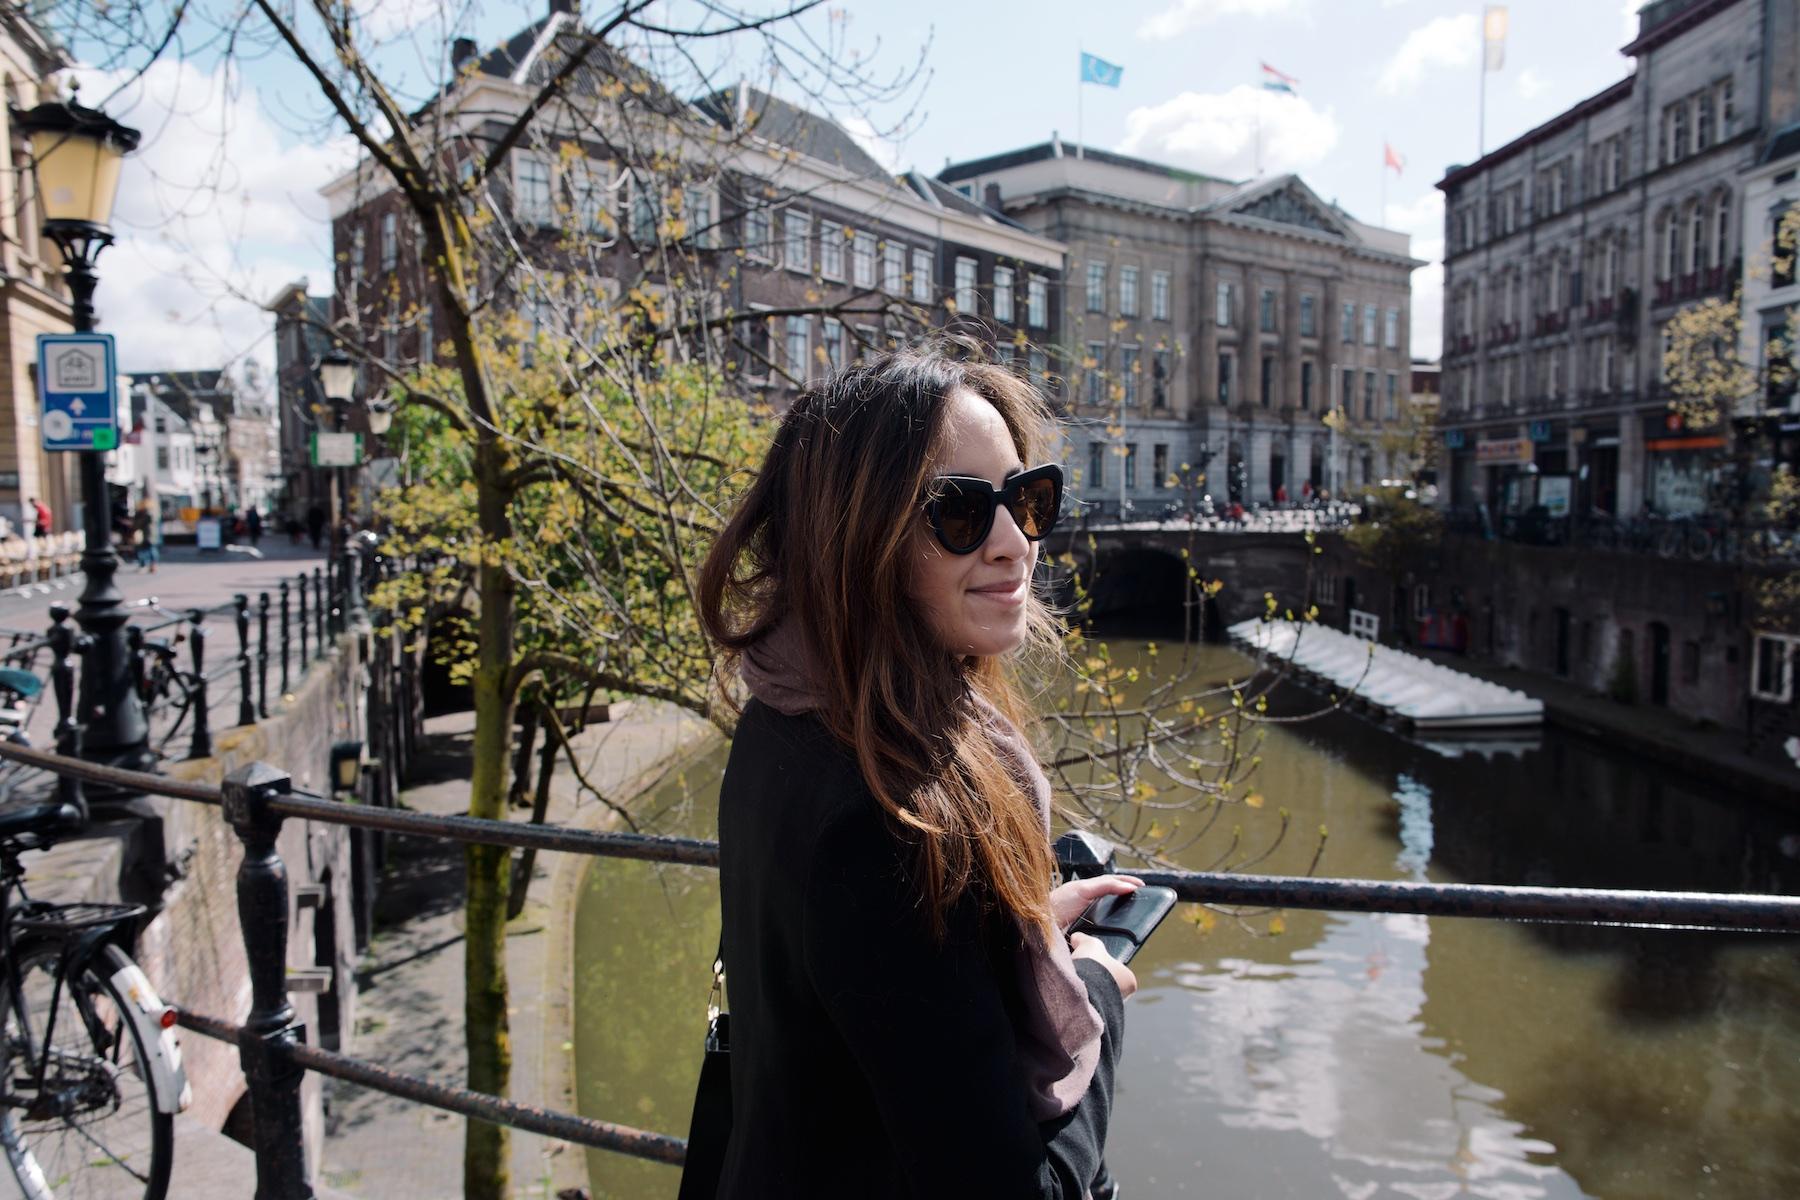 ellen biesheuvel, daens, utrecht cityguide, soenda festival, soenda, cityguide, visit the netherlands, where to go utrecht